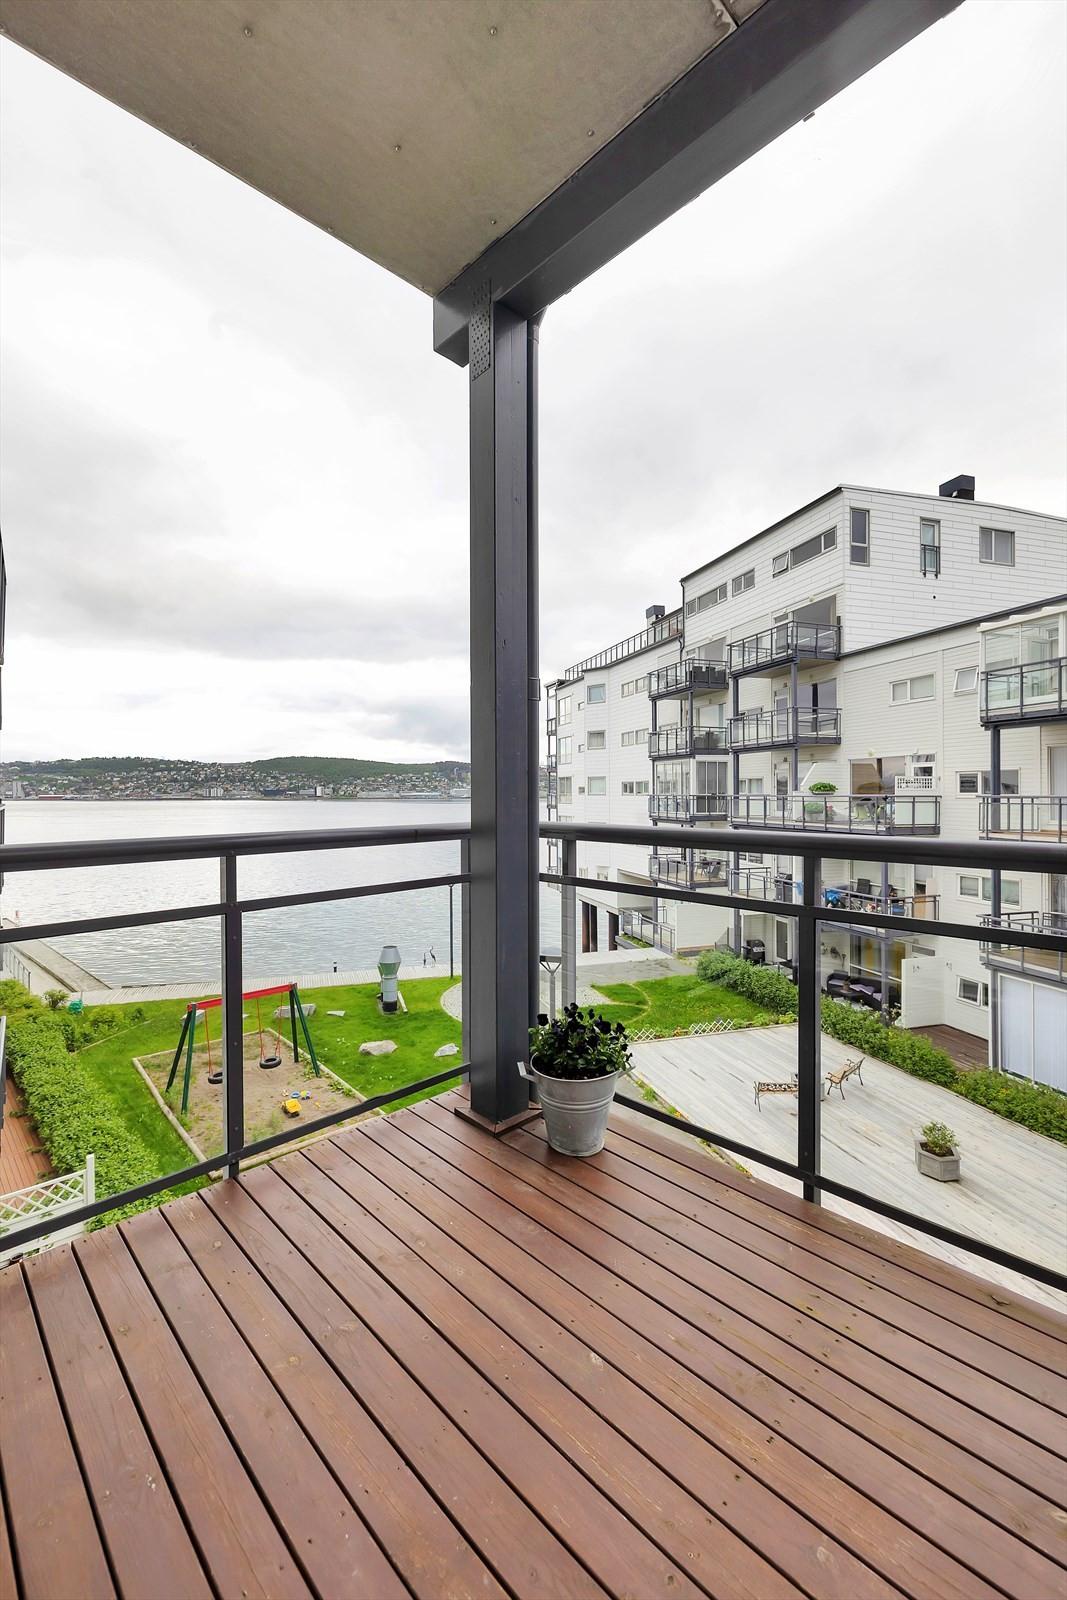 Boligen har 2 terrasser. Dette er den nordvestvendte terrassen som har kveldssol og en nydelig havutsikt.